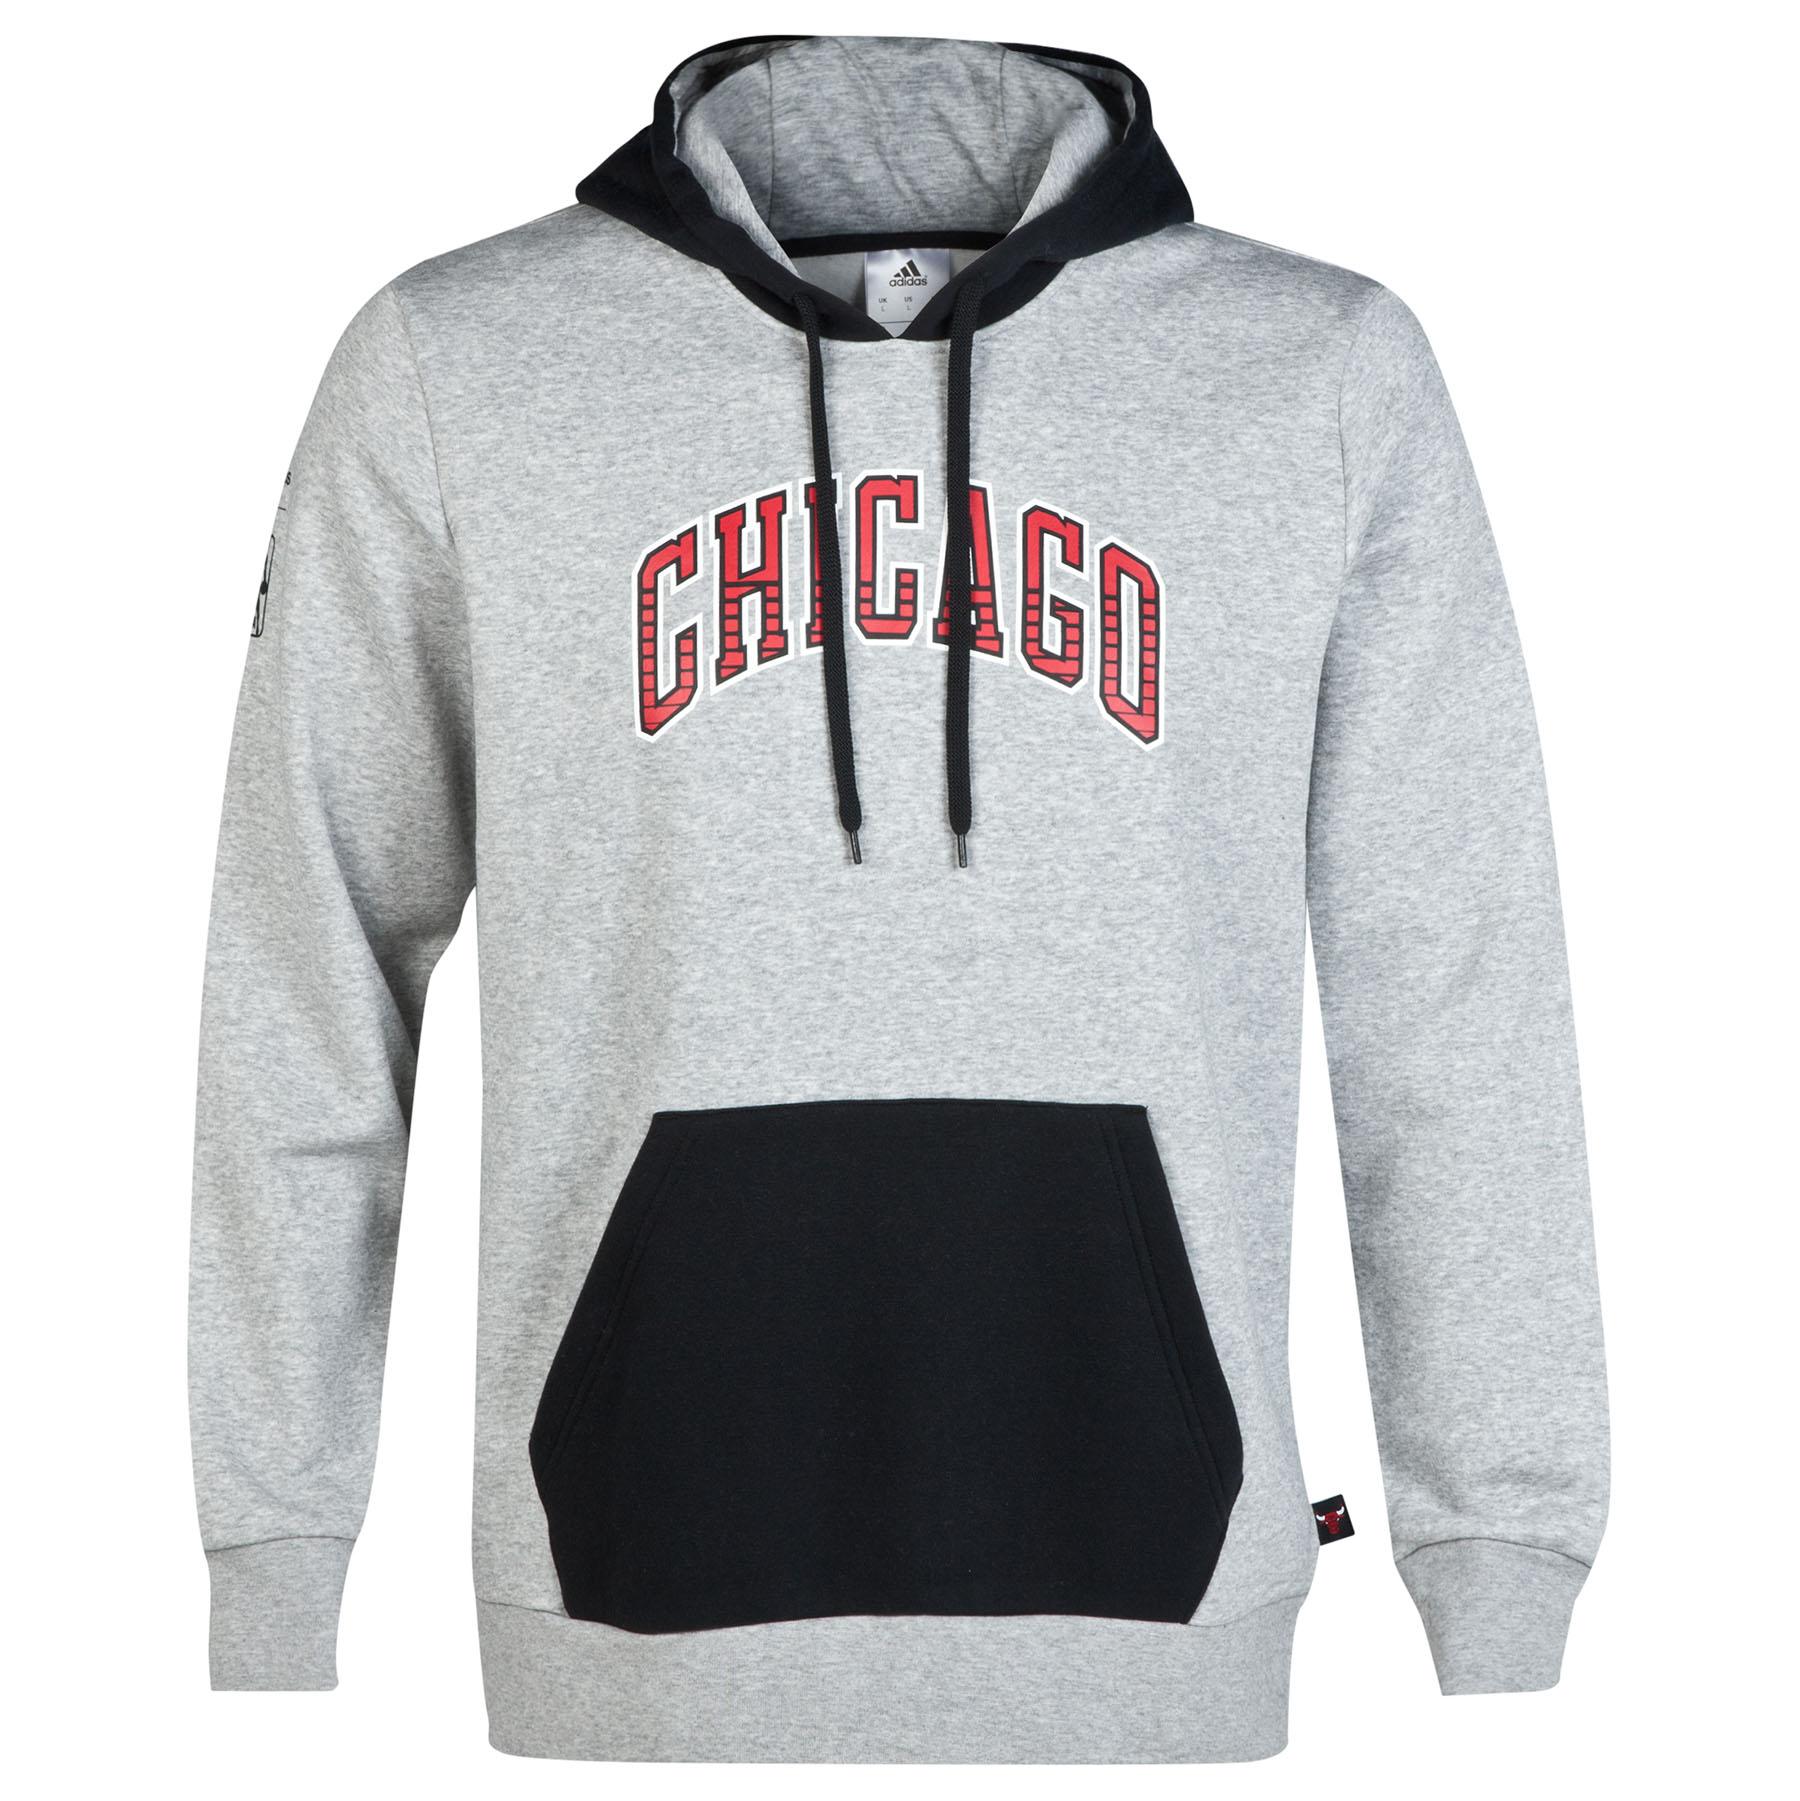 Chicago Bulls Fleece Hoodie Lt Grey